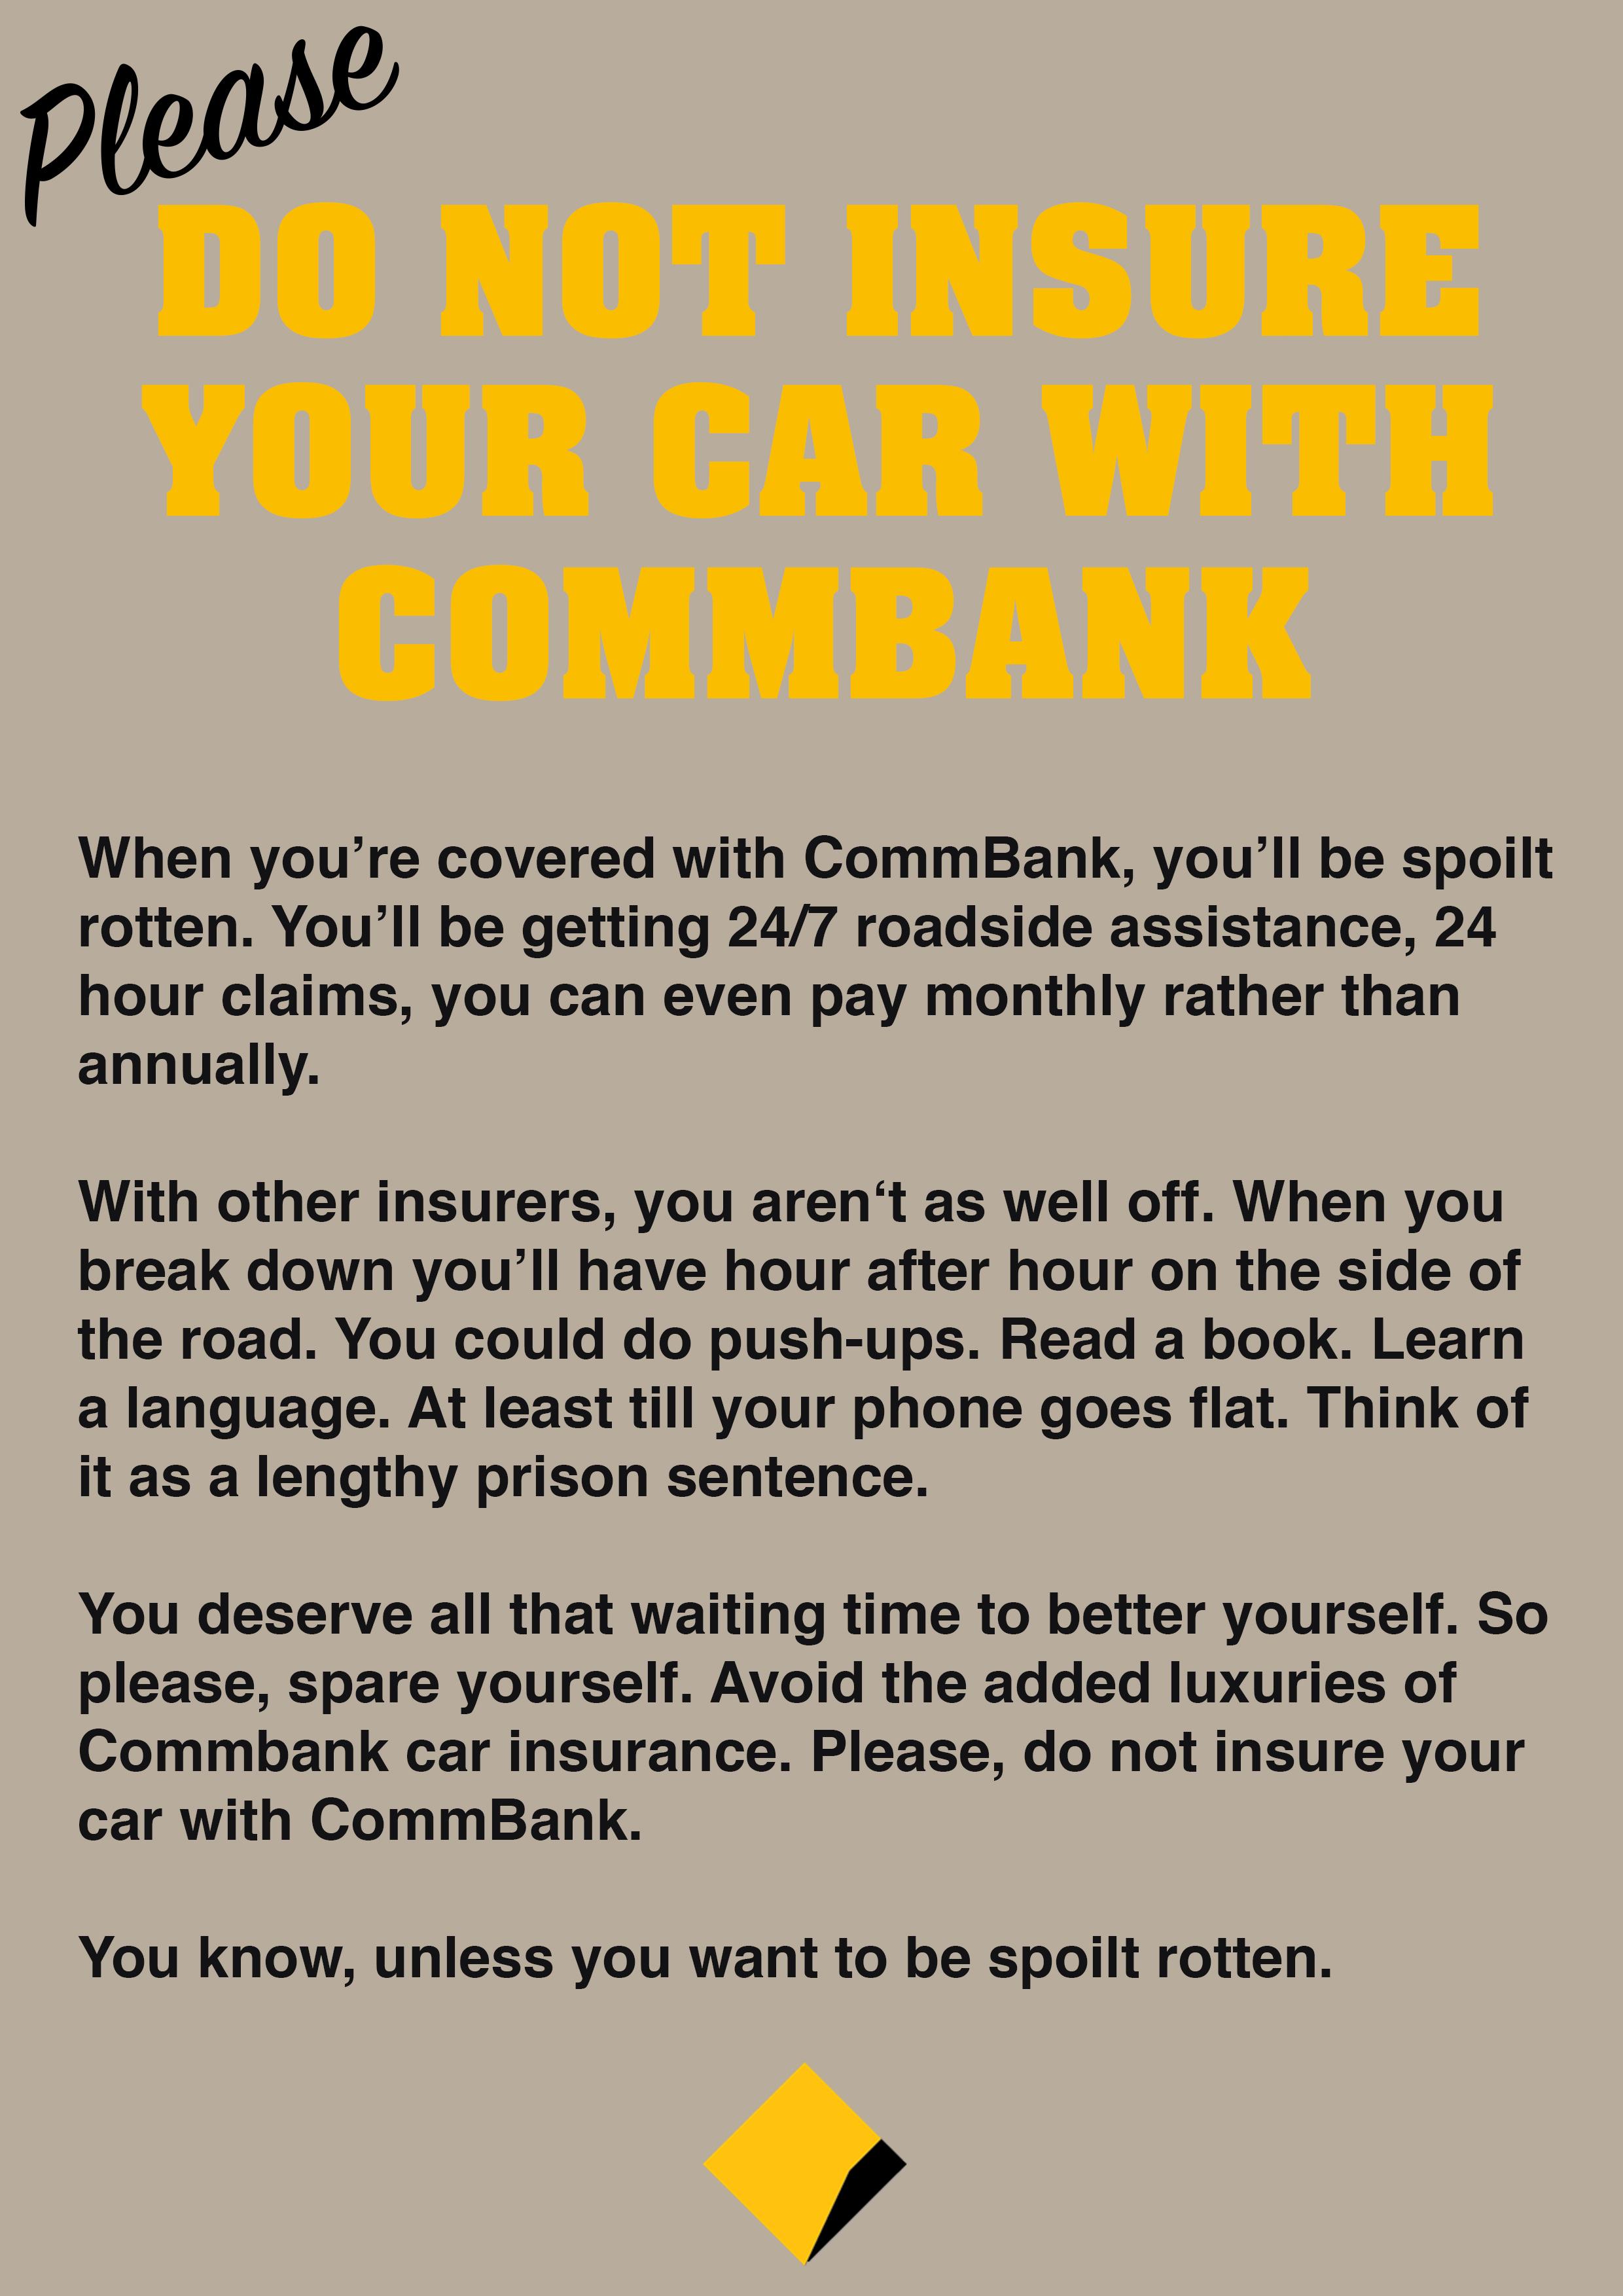 Jack Shepherdson-CommBank Ad 2.jpg